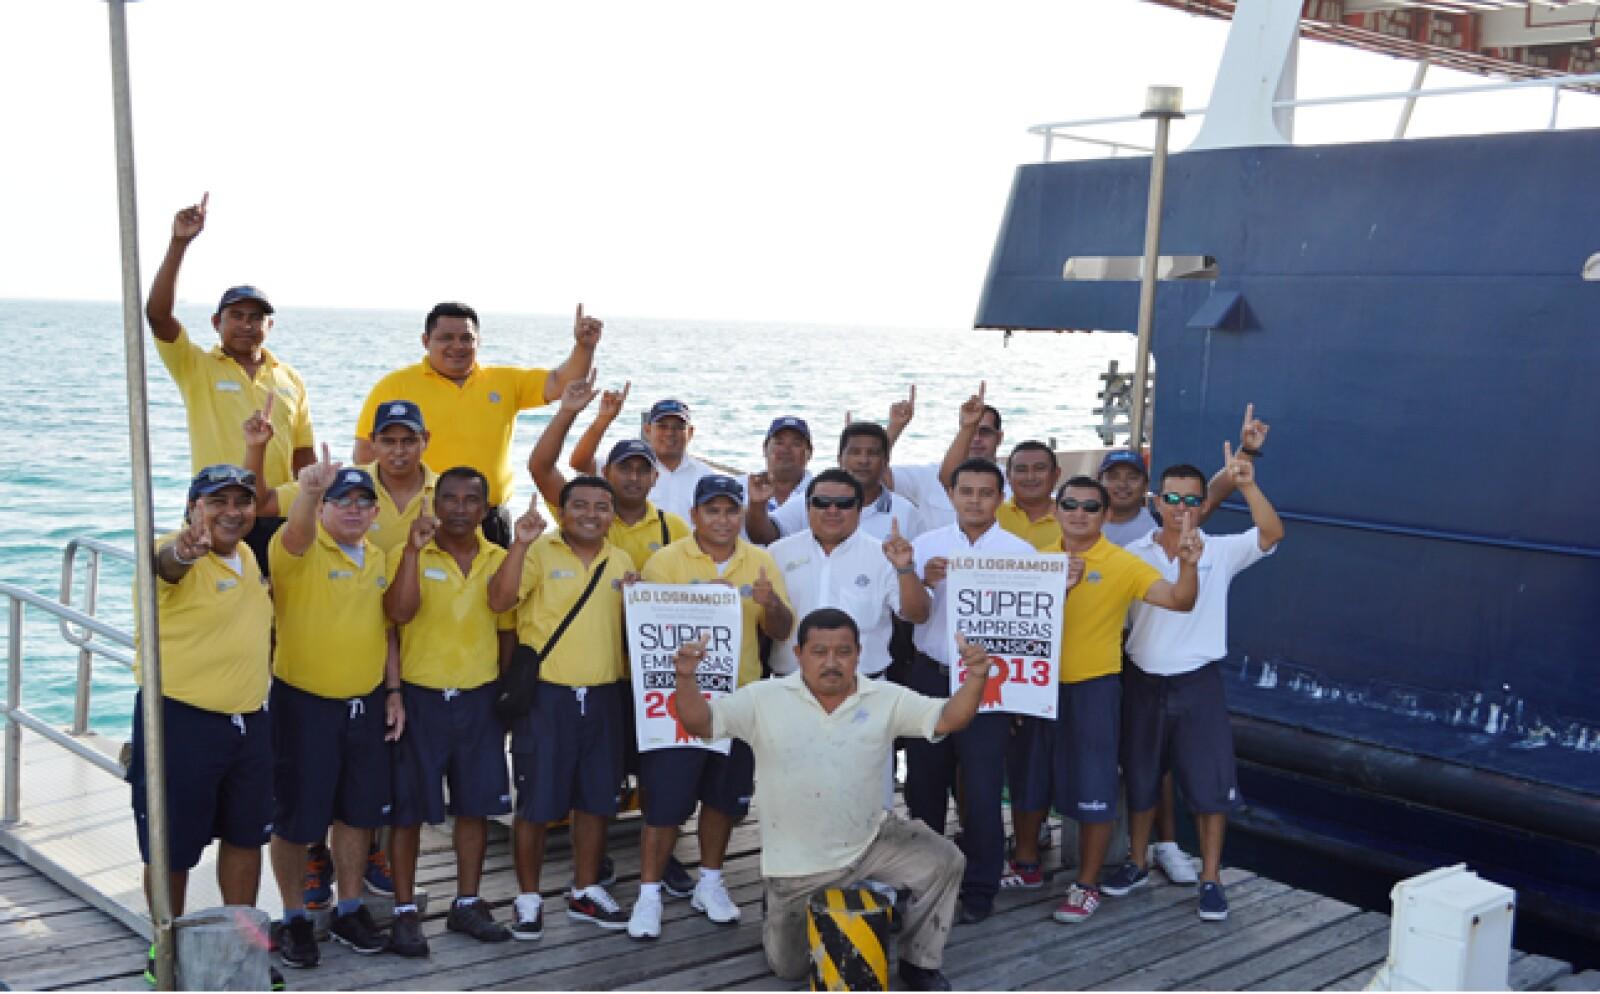 Grupo Dolphin Discovery festejó su posición número 22 en Súper Empresas 2013. La alineación de los esfuerzos hacia un rumbo fijado por su directiva los llevó hasta esa posición.